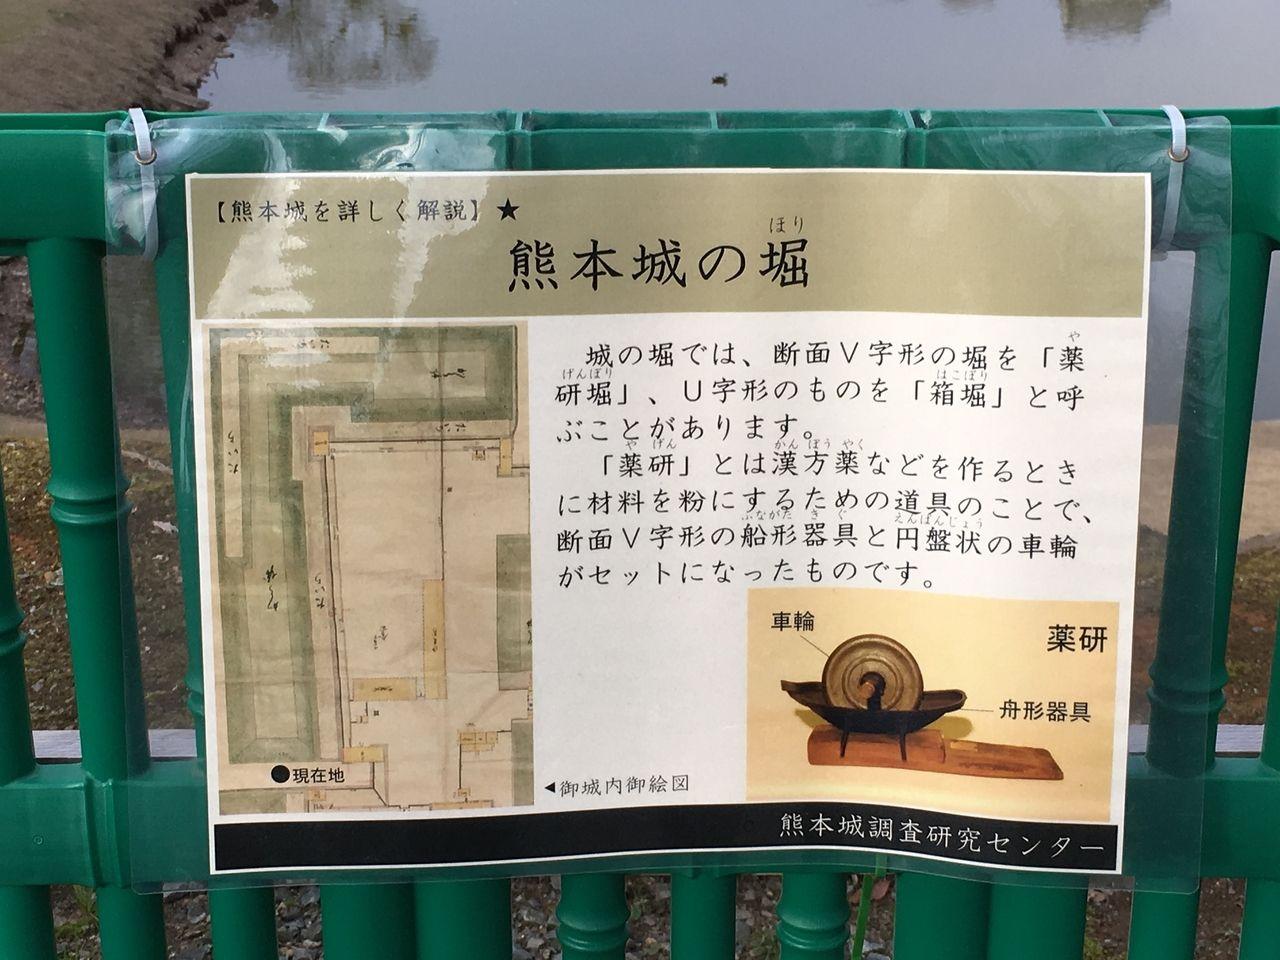 熊本城の堀についての解説